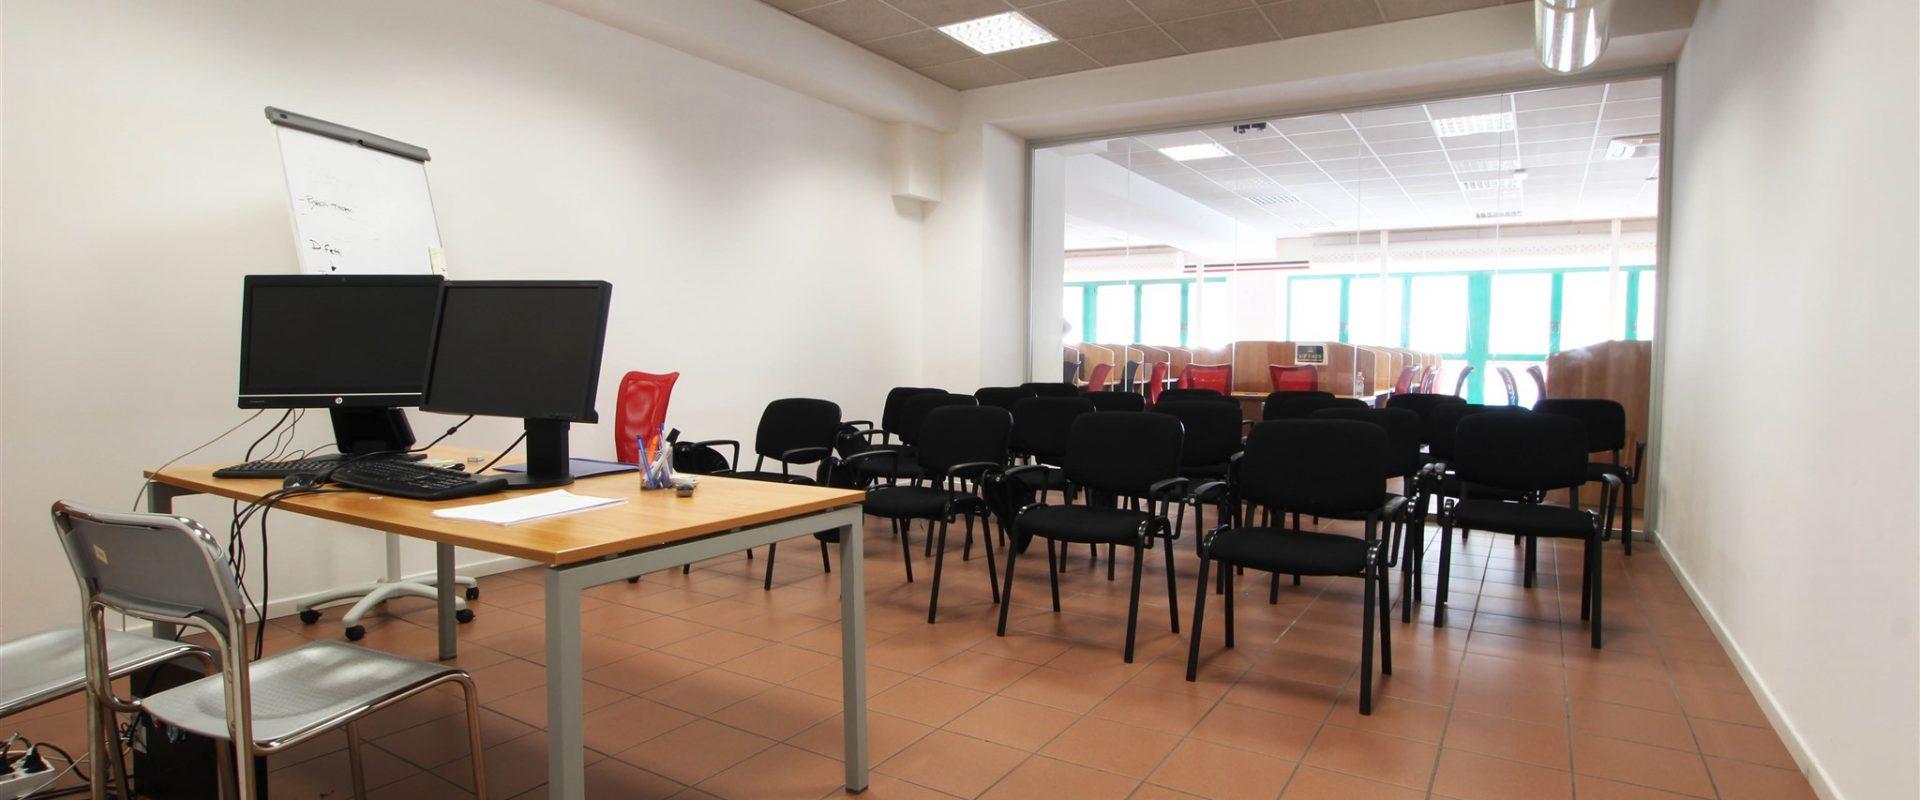 Ufficio polifunzionale di 378 mq a Novara